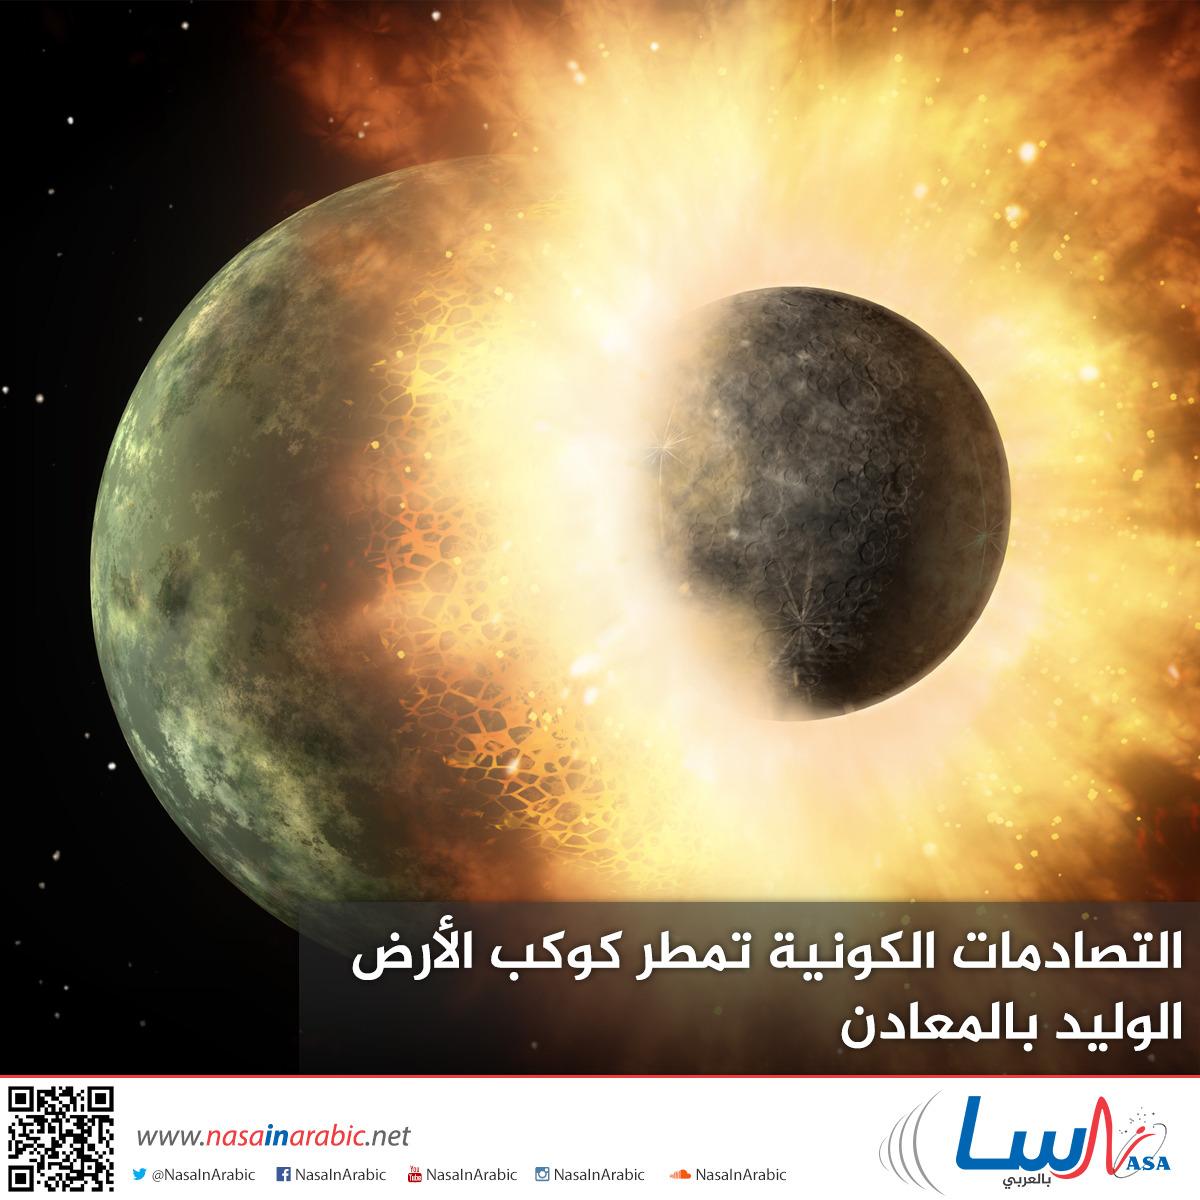 التصادمات الكونية تمطر كوكب الأرض الوليد بالمعادن